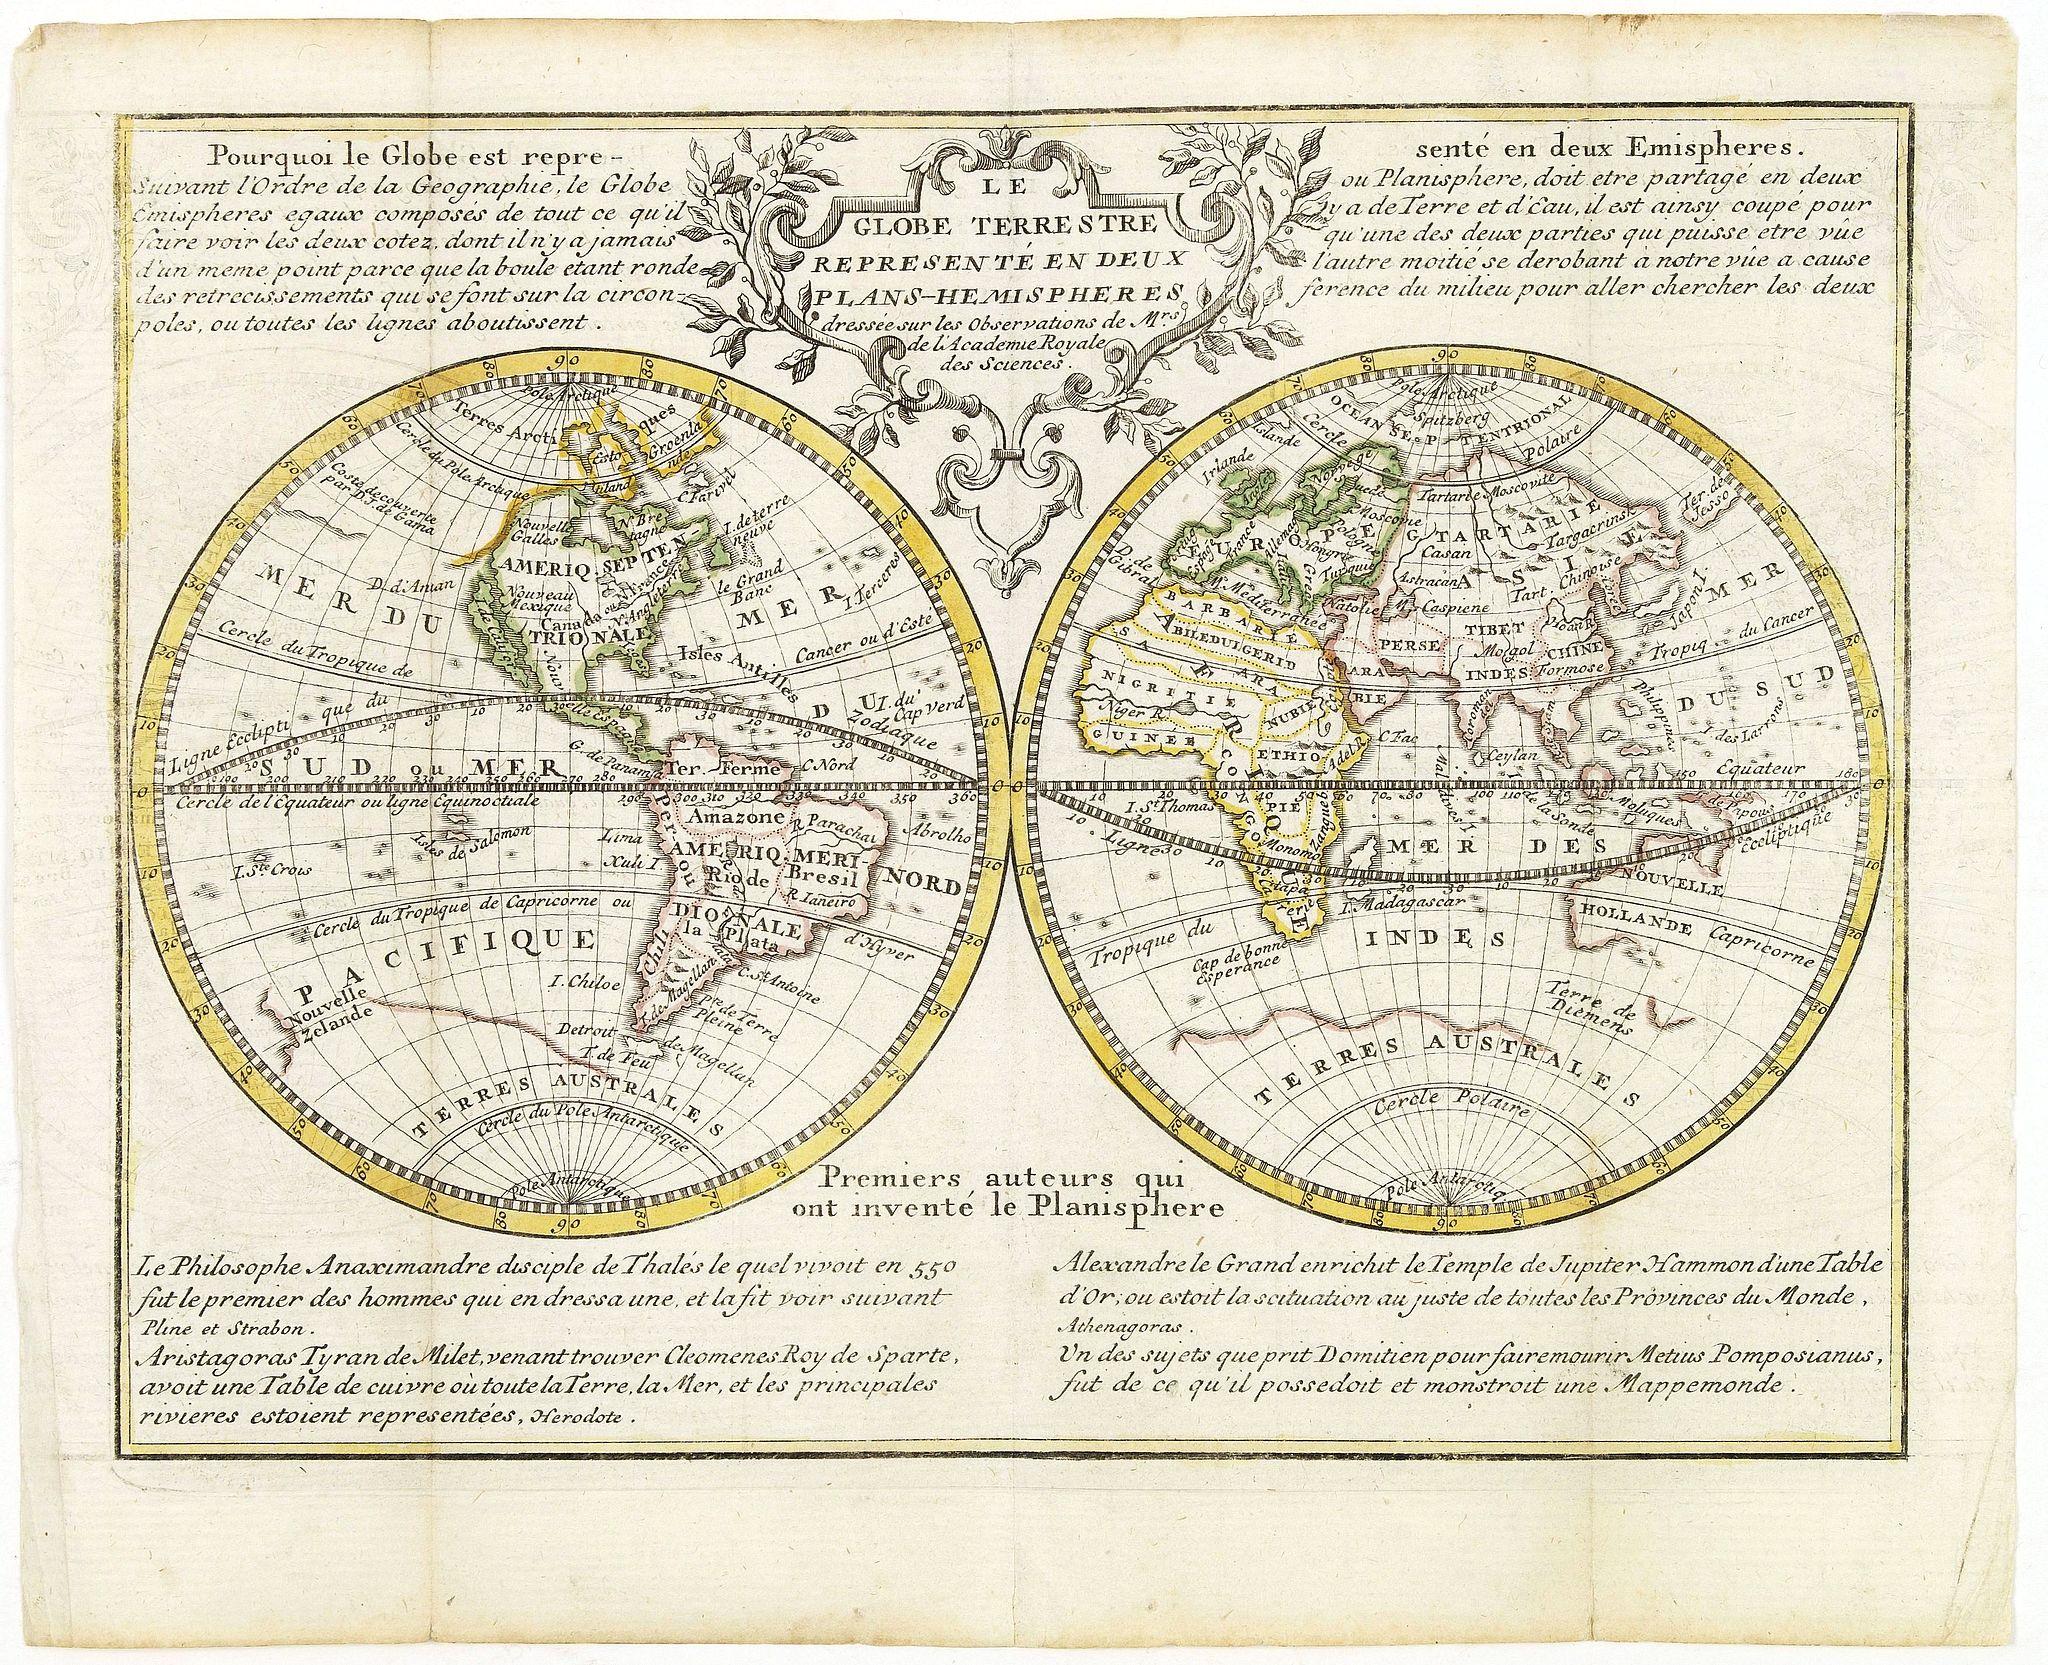 CHIQUET, J. - Le Globe Terrestre Representé en Deux Plans-Hemispheres..